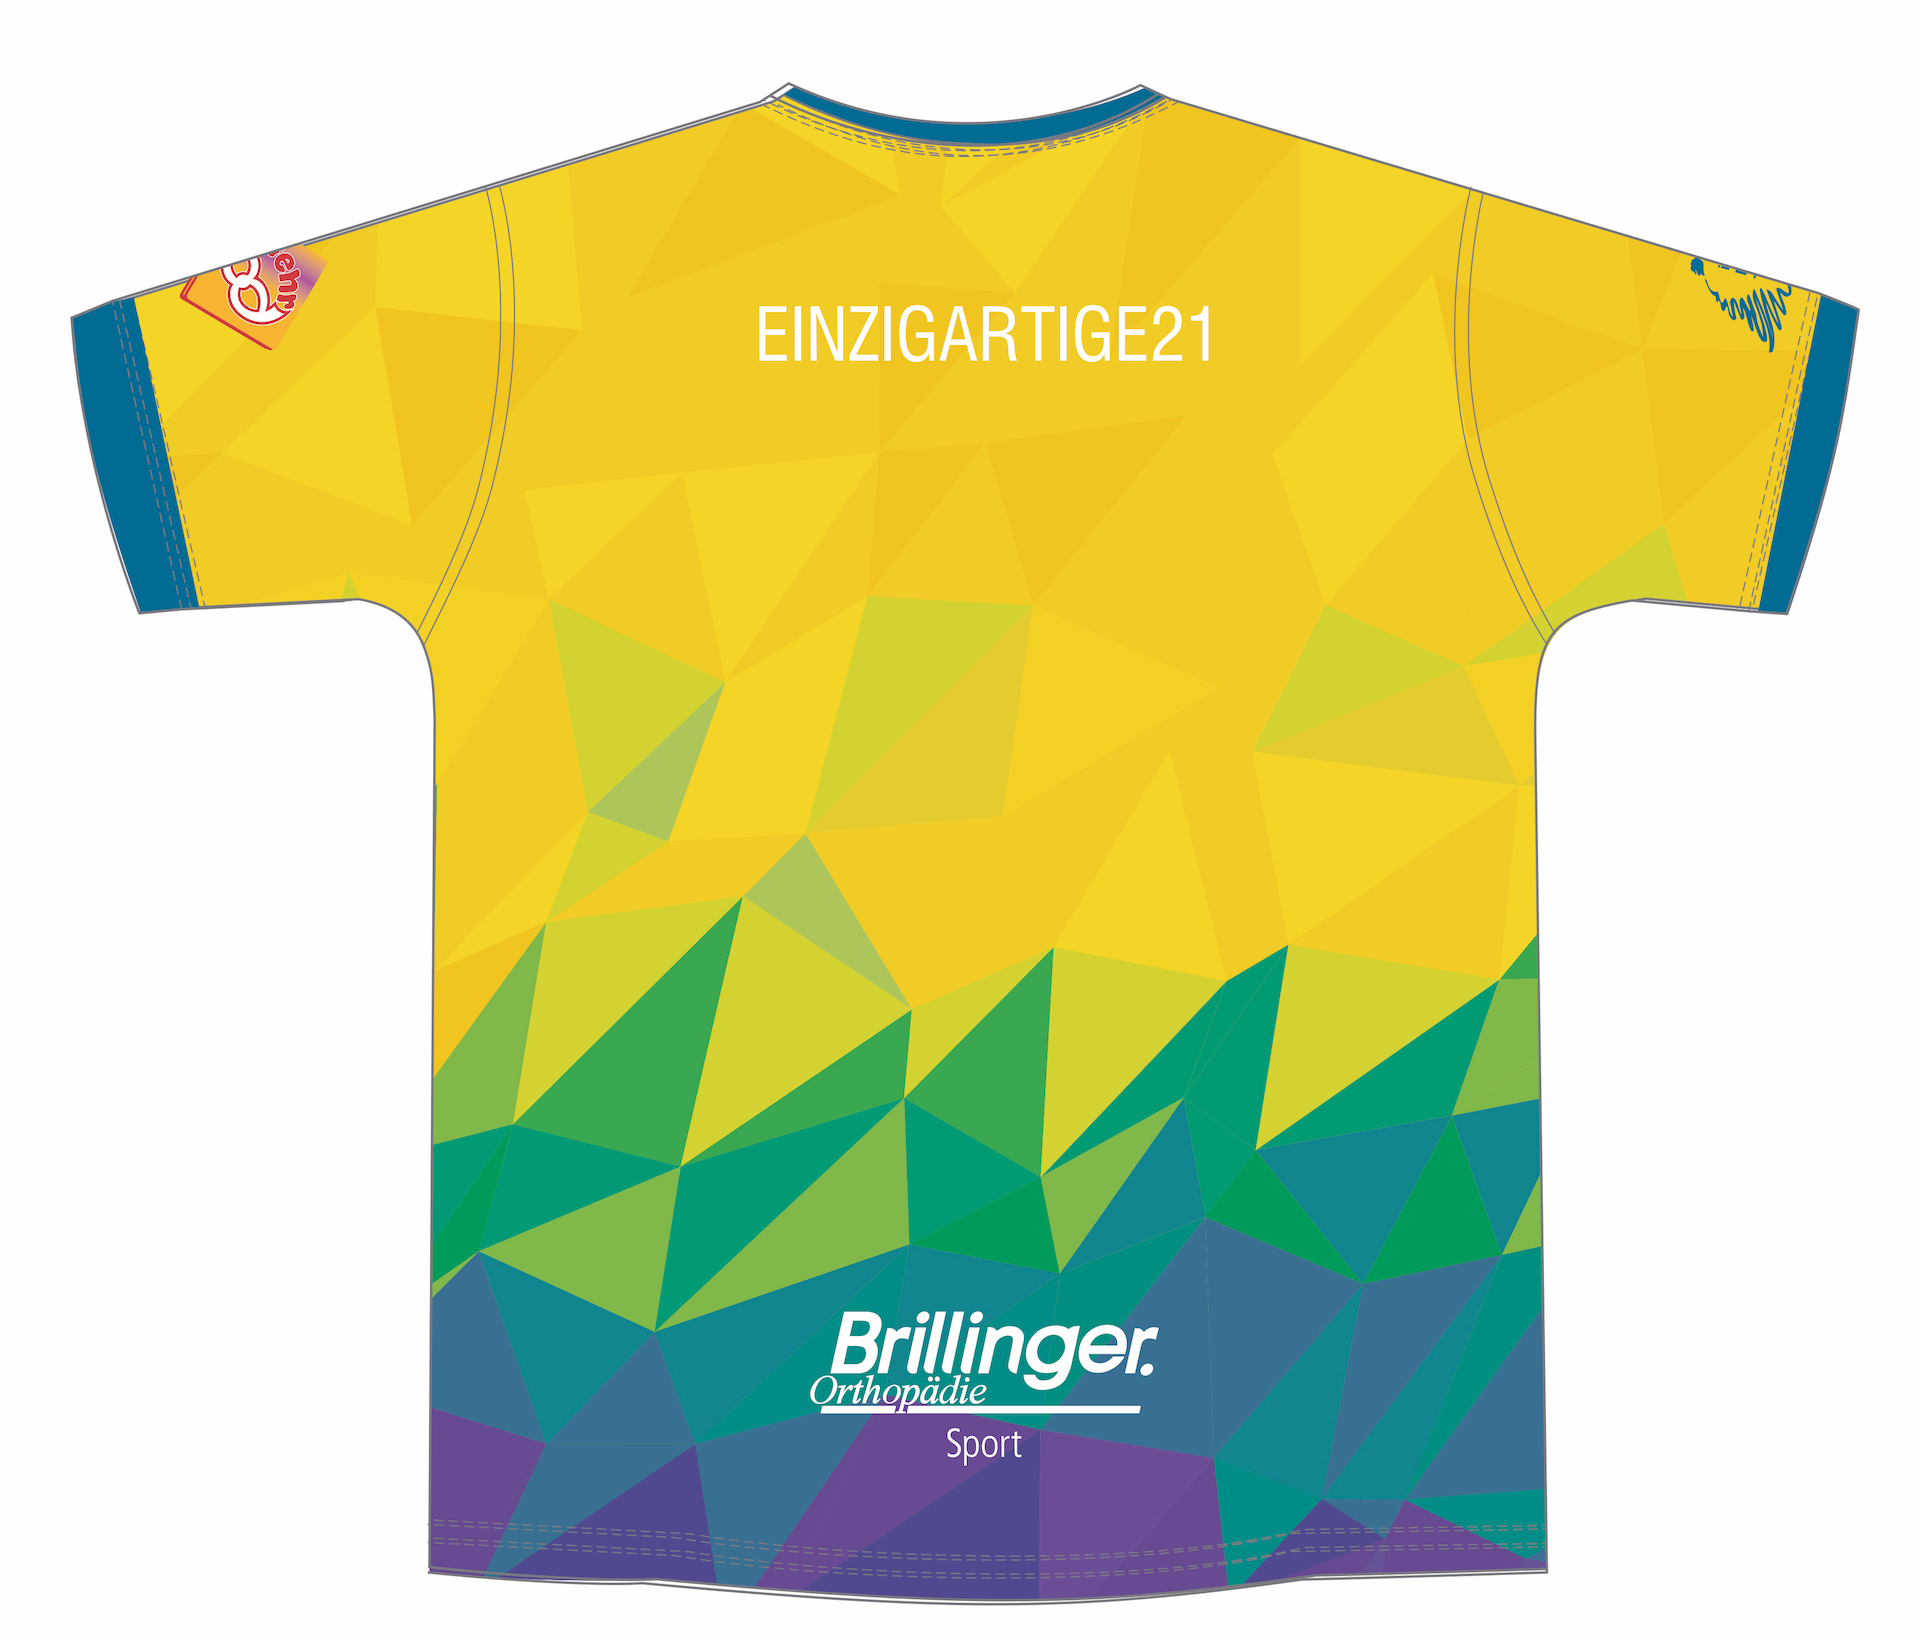 Nikolauslauf 2020 Teilnehmershirt Funktionsshirt S Cool Sporta